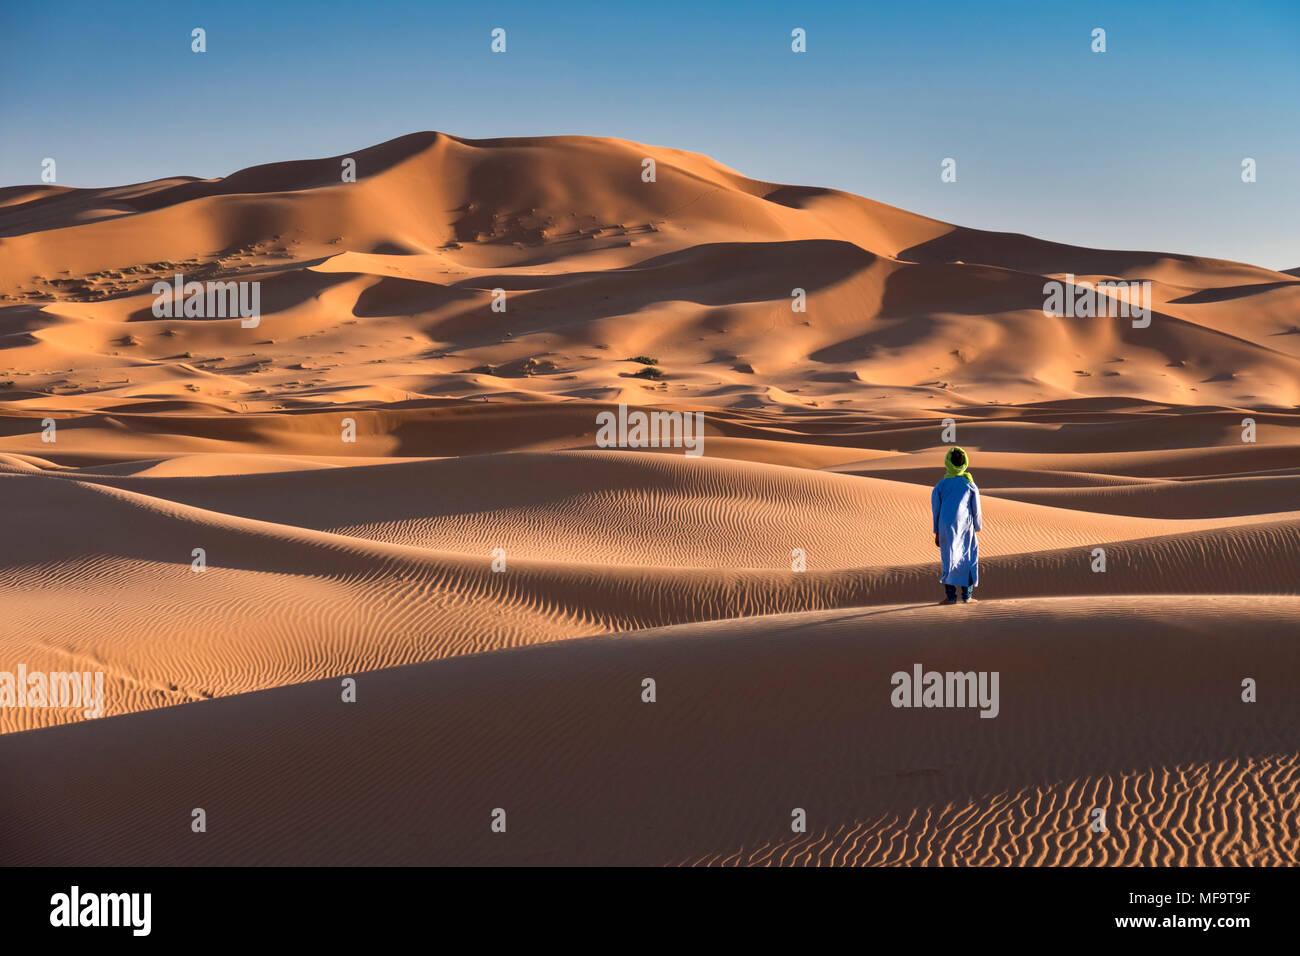 Un hombre bereber se sitúa en el borde del desierto del Sáhara, Erg Chebbi :, cerca de Merzouga, Marruecos modelo liberado Imagen De Stock